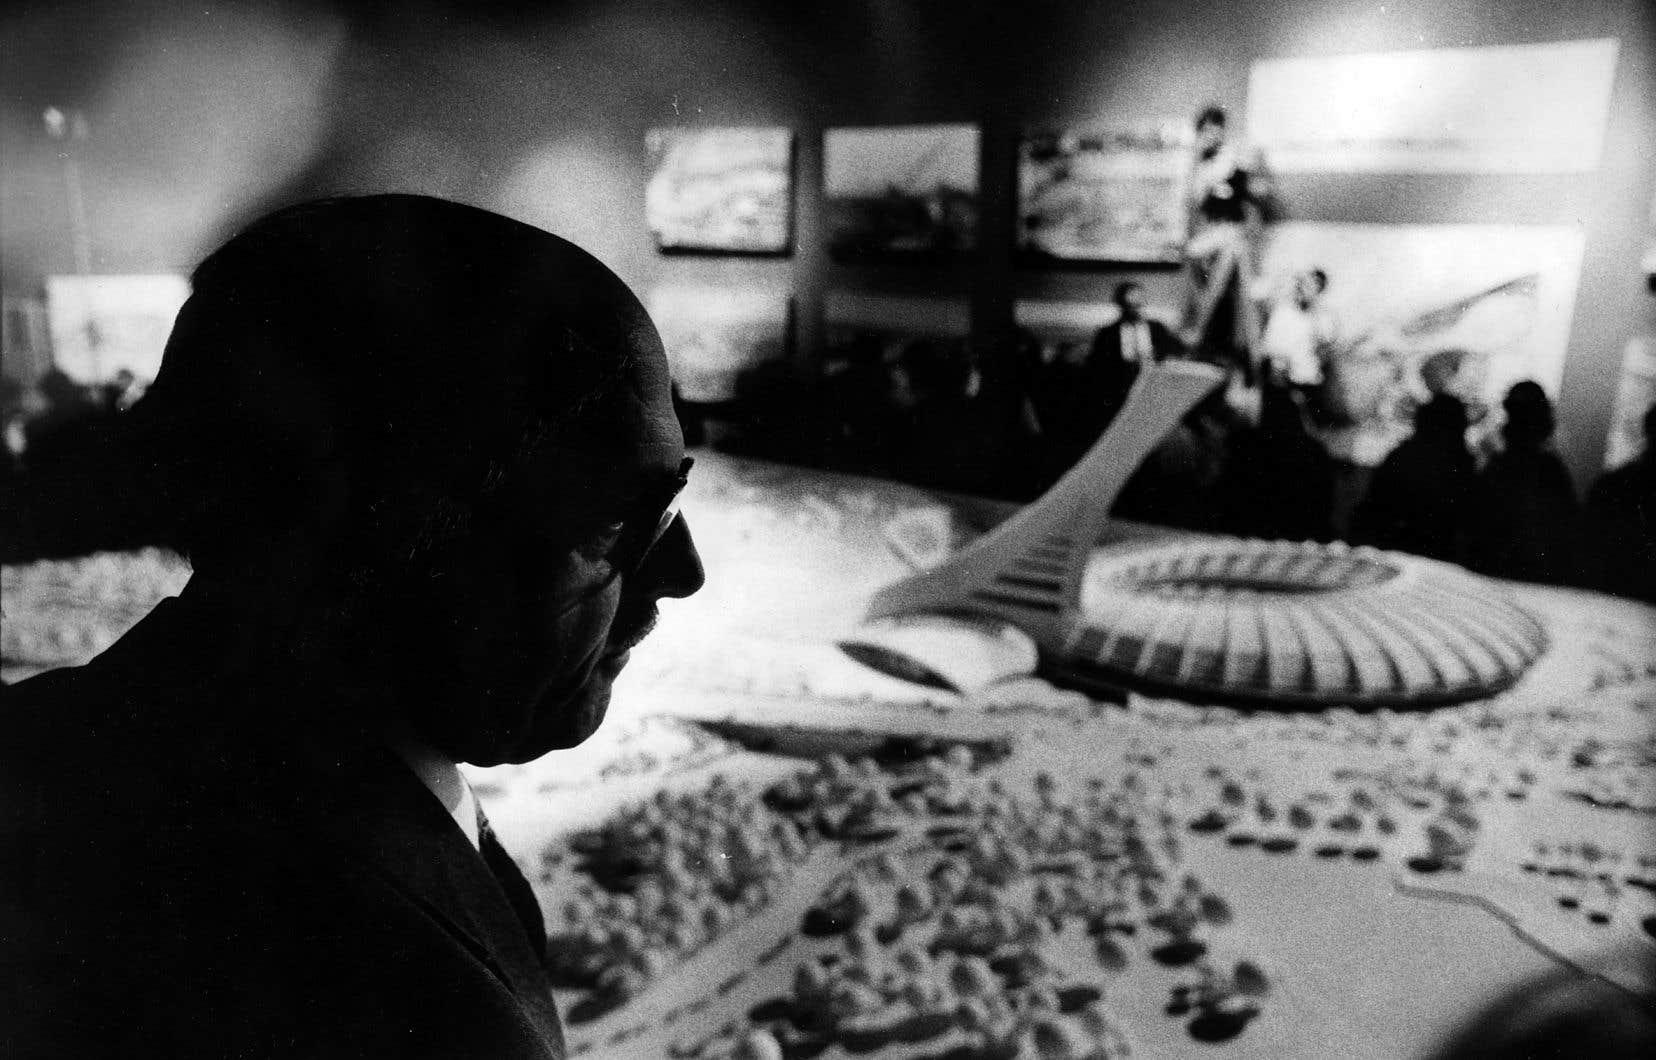 Jean Drapeau devant une maquette du parc olympique, le 17 juillet 1974. La facture olympique aura toujours jeté une ombre sur l'héritage de l'ancien maire de Montréal.